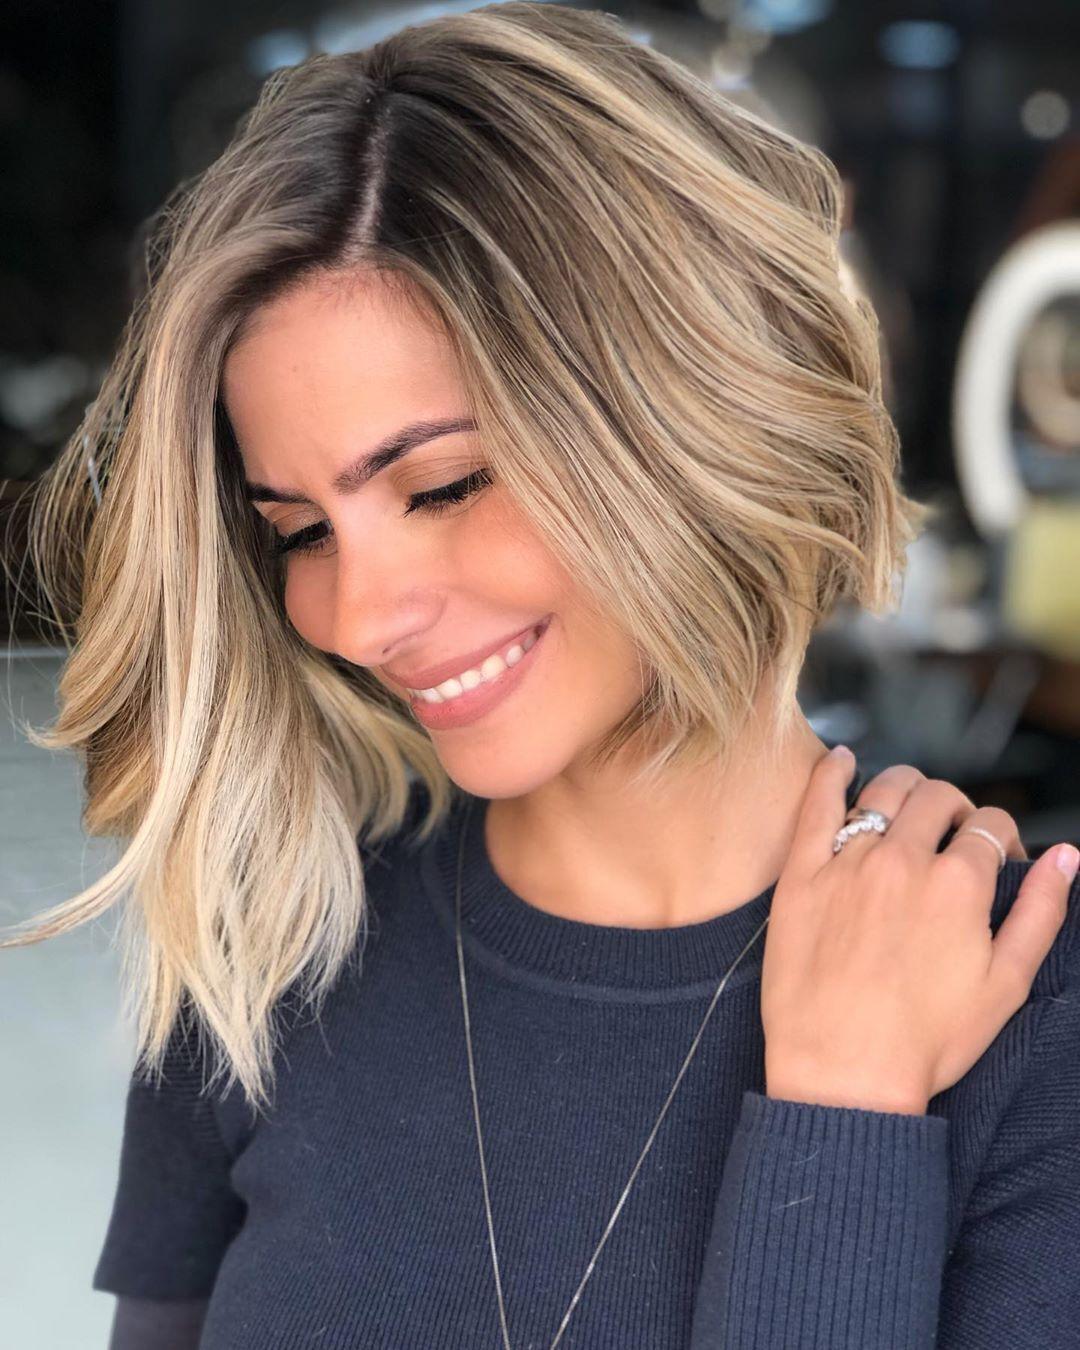 Идеальная стрижка зависит от работы парикмахера и от текстуры